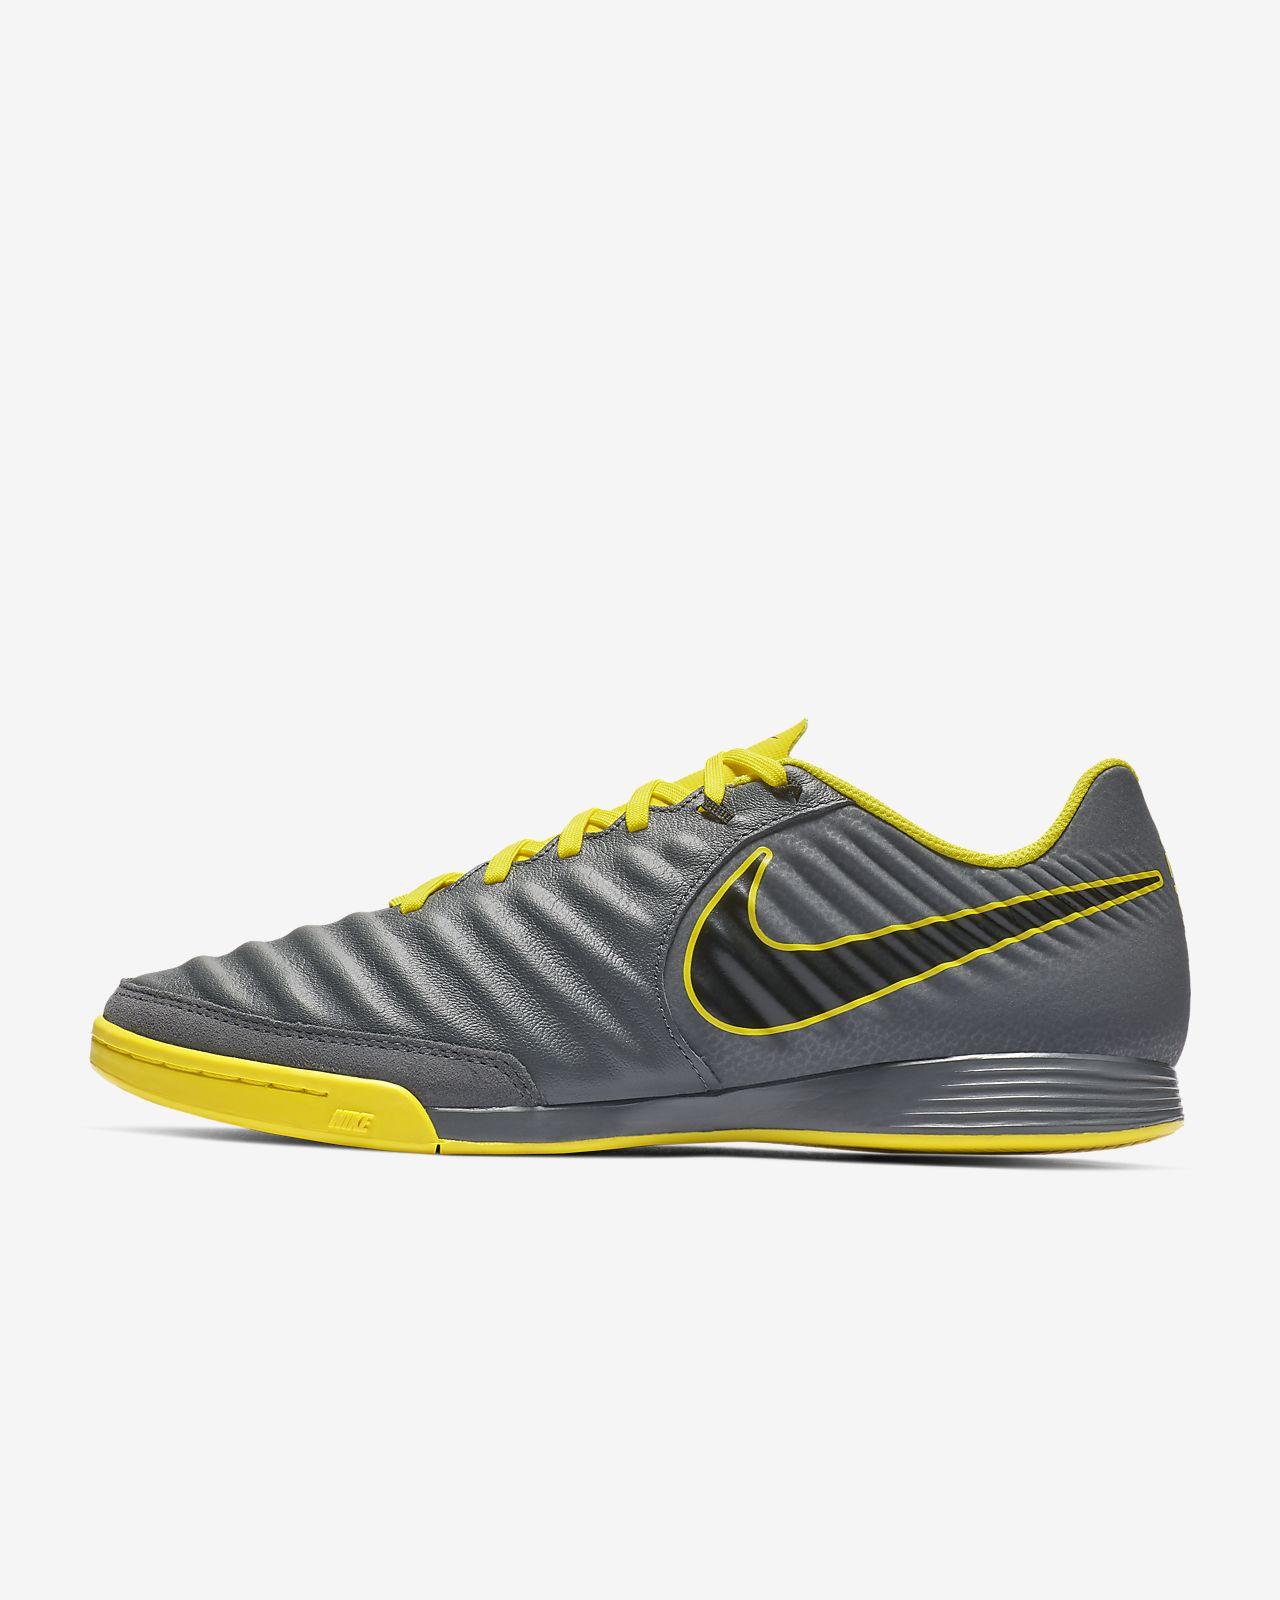 Nike LegendX 7 Academy IC Indoor/Court Football Boot